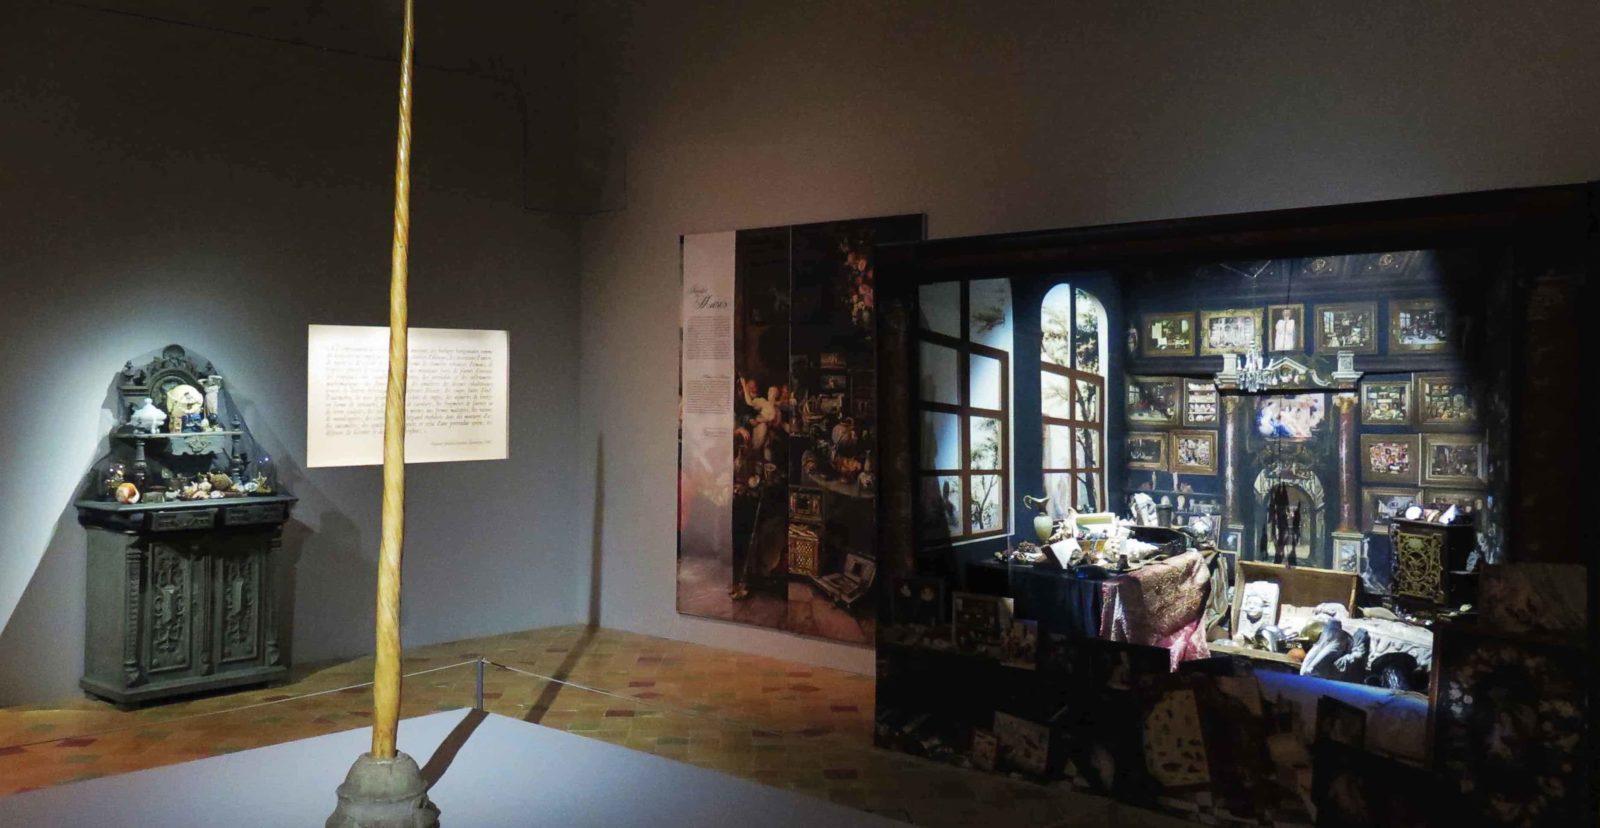 Chambres des Merveilles Château d'Angers corne de licorne